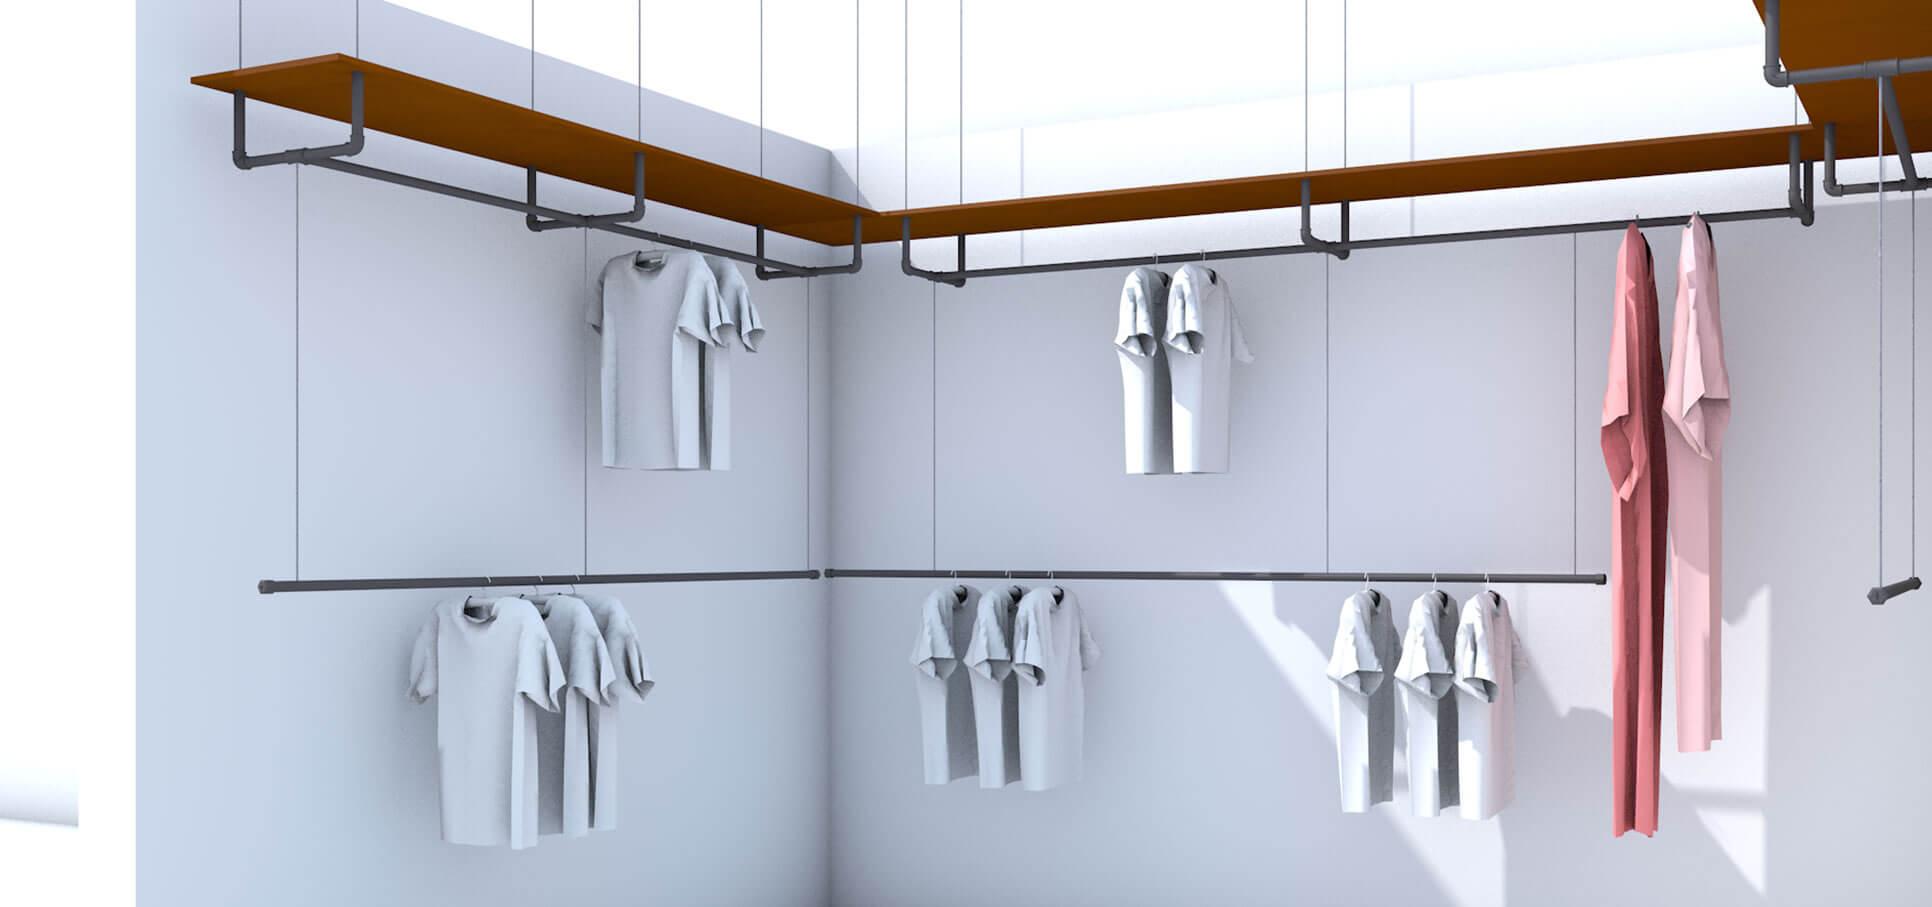 1-ladenbau-einrichtung-store-concept-konzept-interieur-design-rohrfabrik-moebel-kleiderstaender-kleider-zimmer-rohr-gestell-regal.jpg